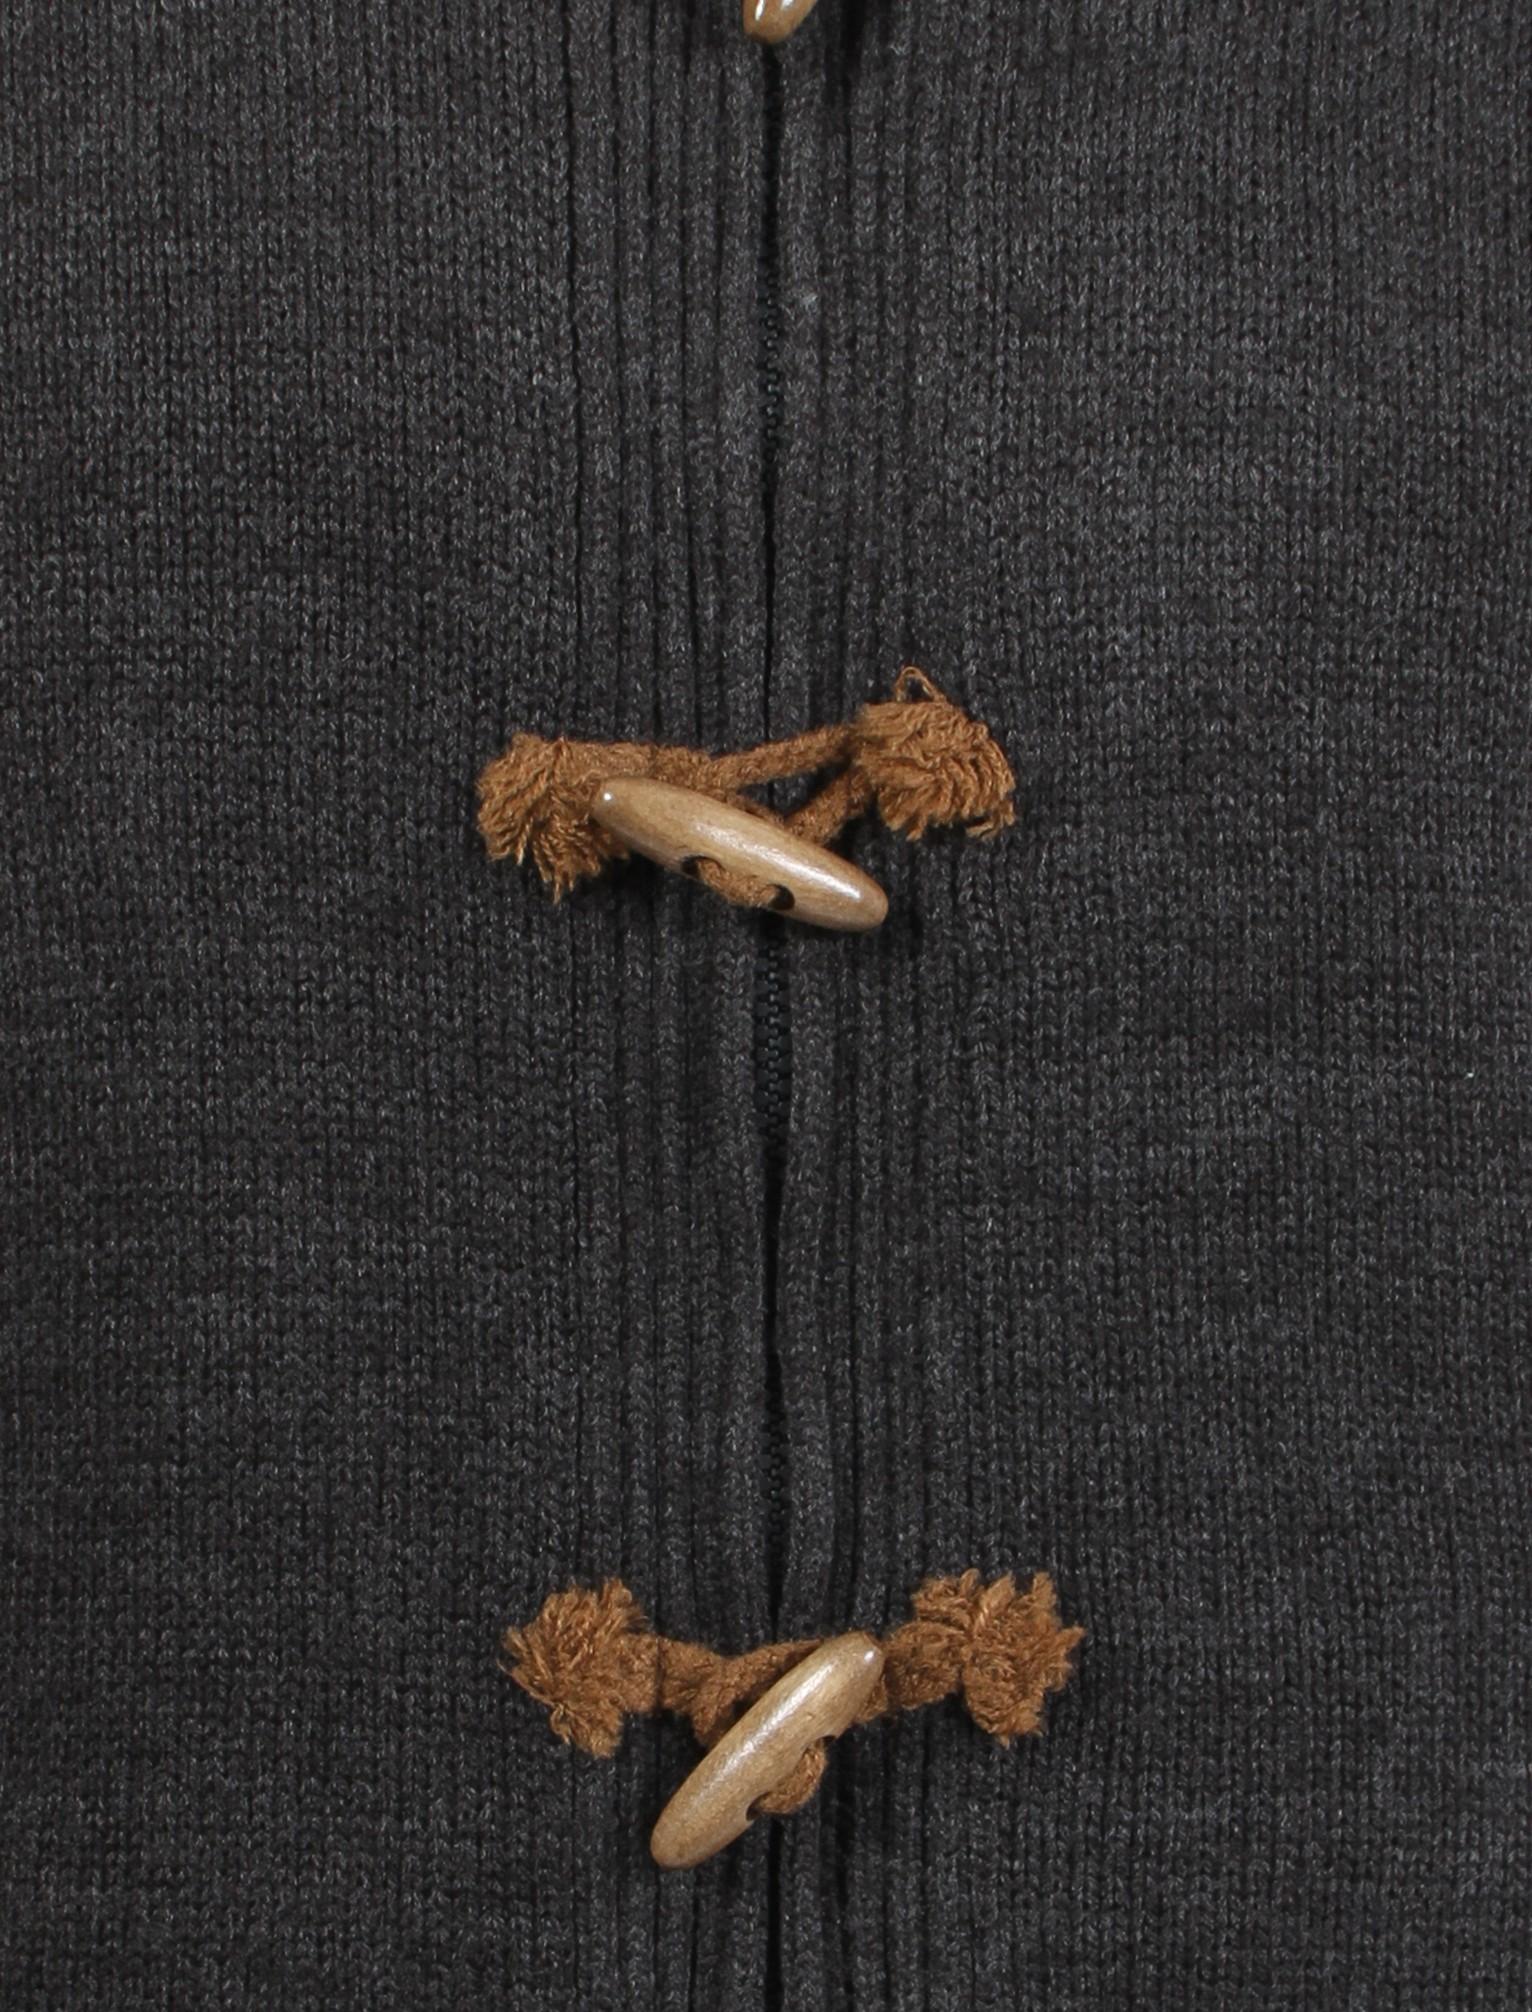 Herren-Tokyo-Laundry-Gesteppt-Kapuze-Reissverschluss-Knebelverschluss-Grobstrick-Cardigan-Groesse-S Indexbild 7